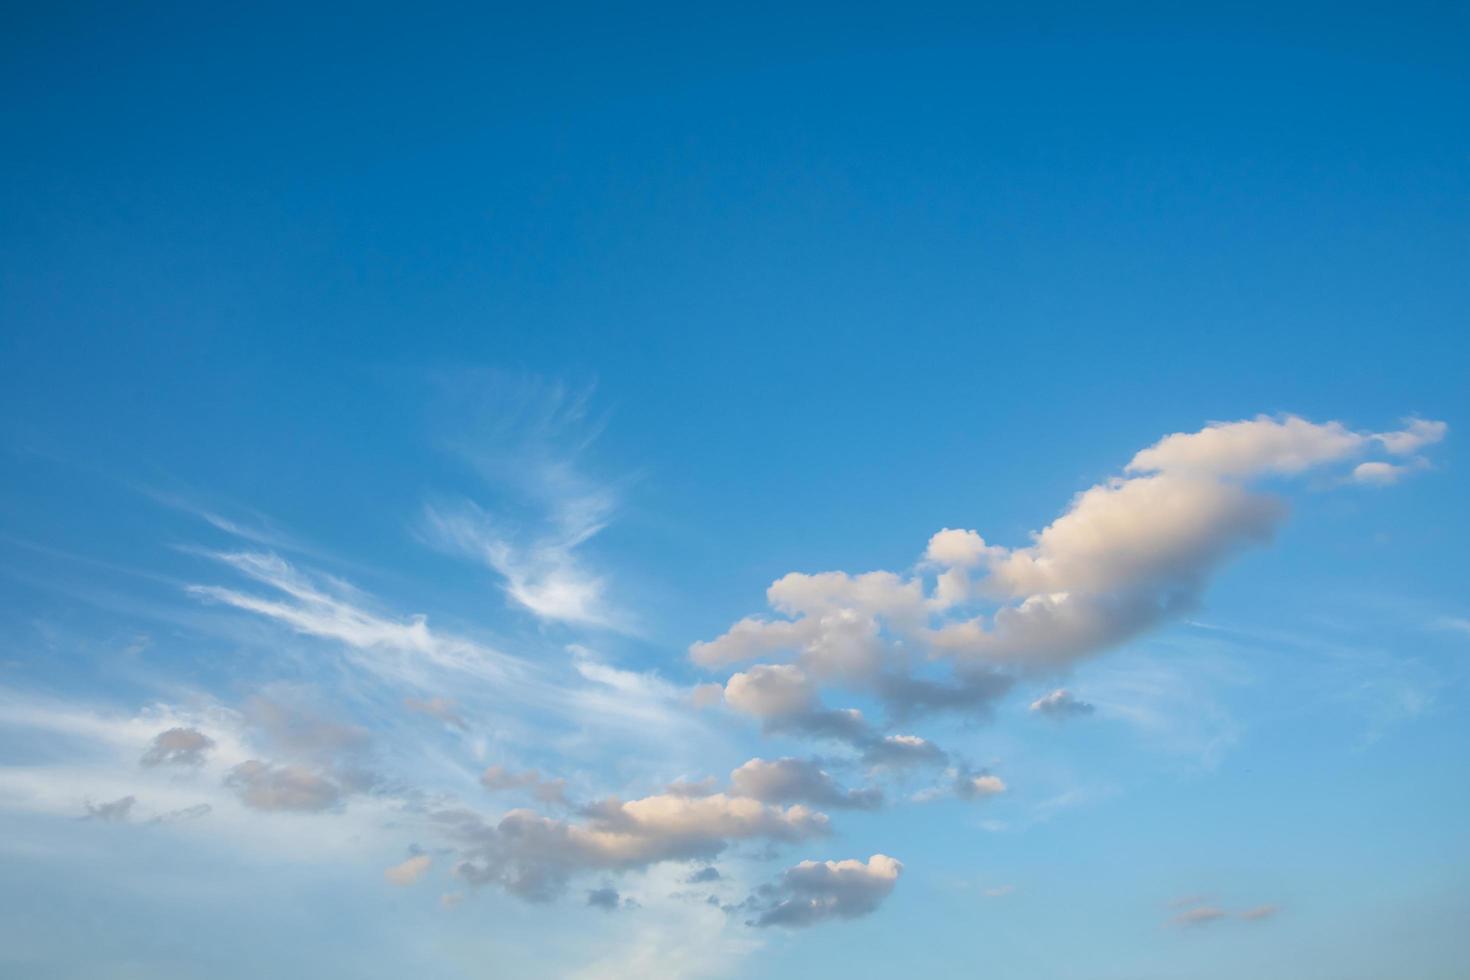 Wolken in einem blauen Himmel foto